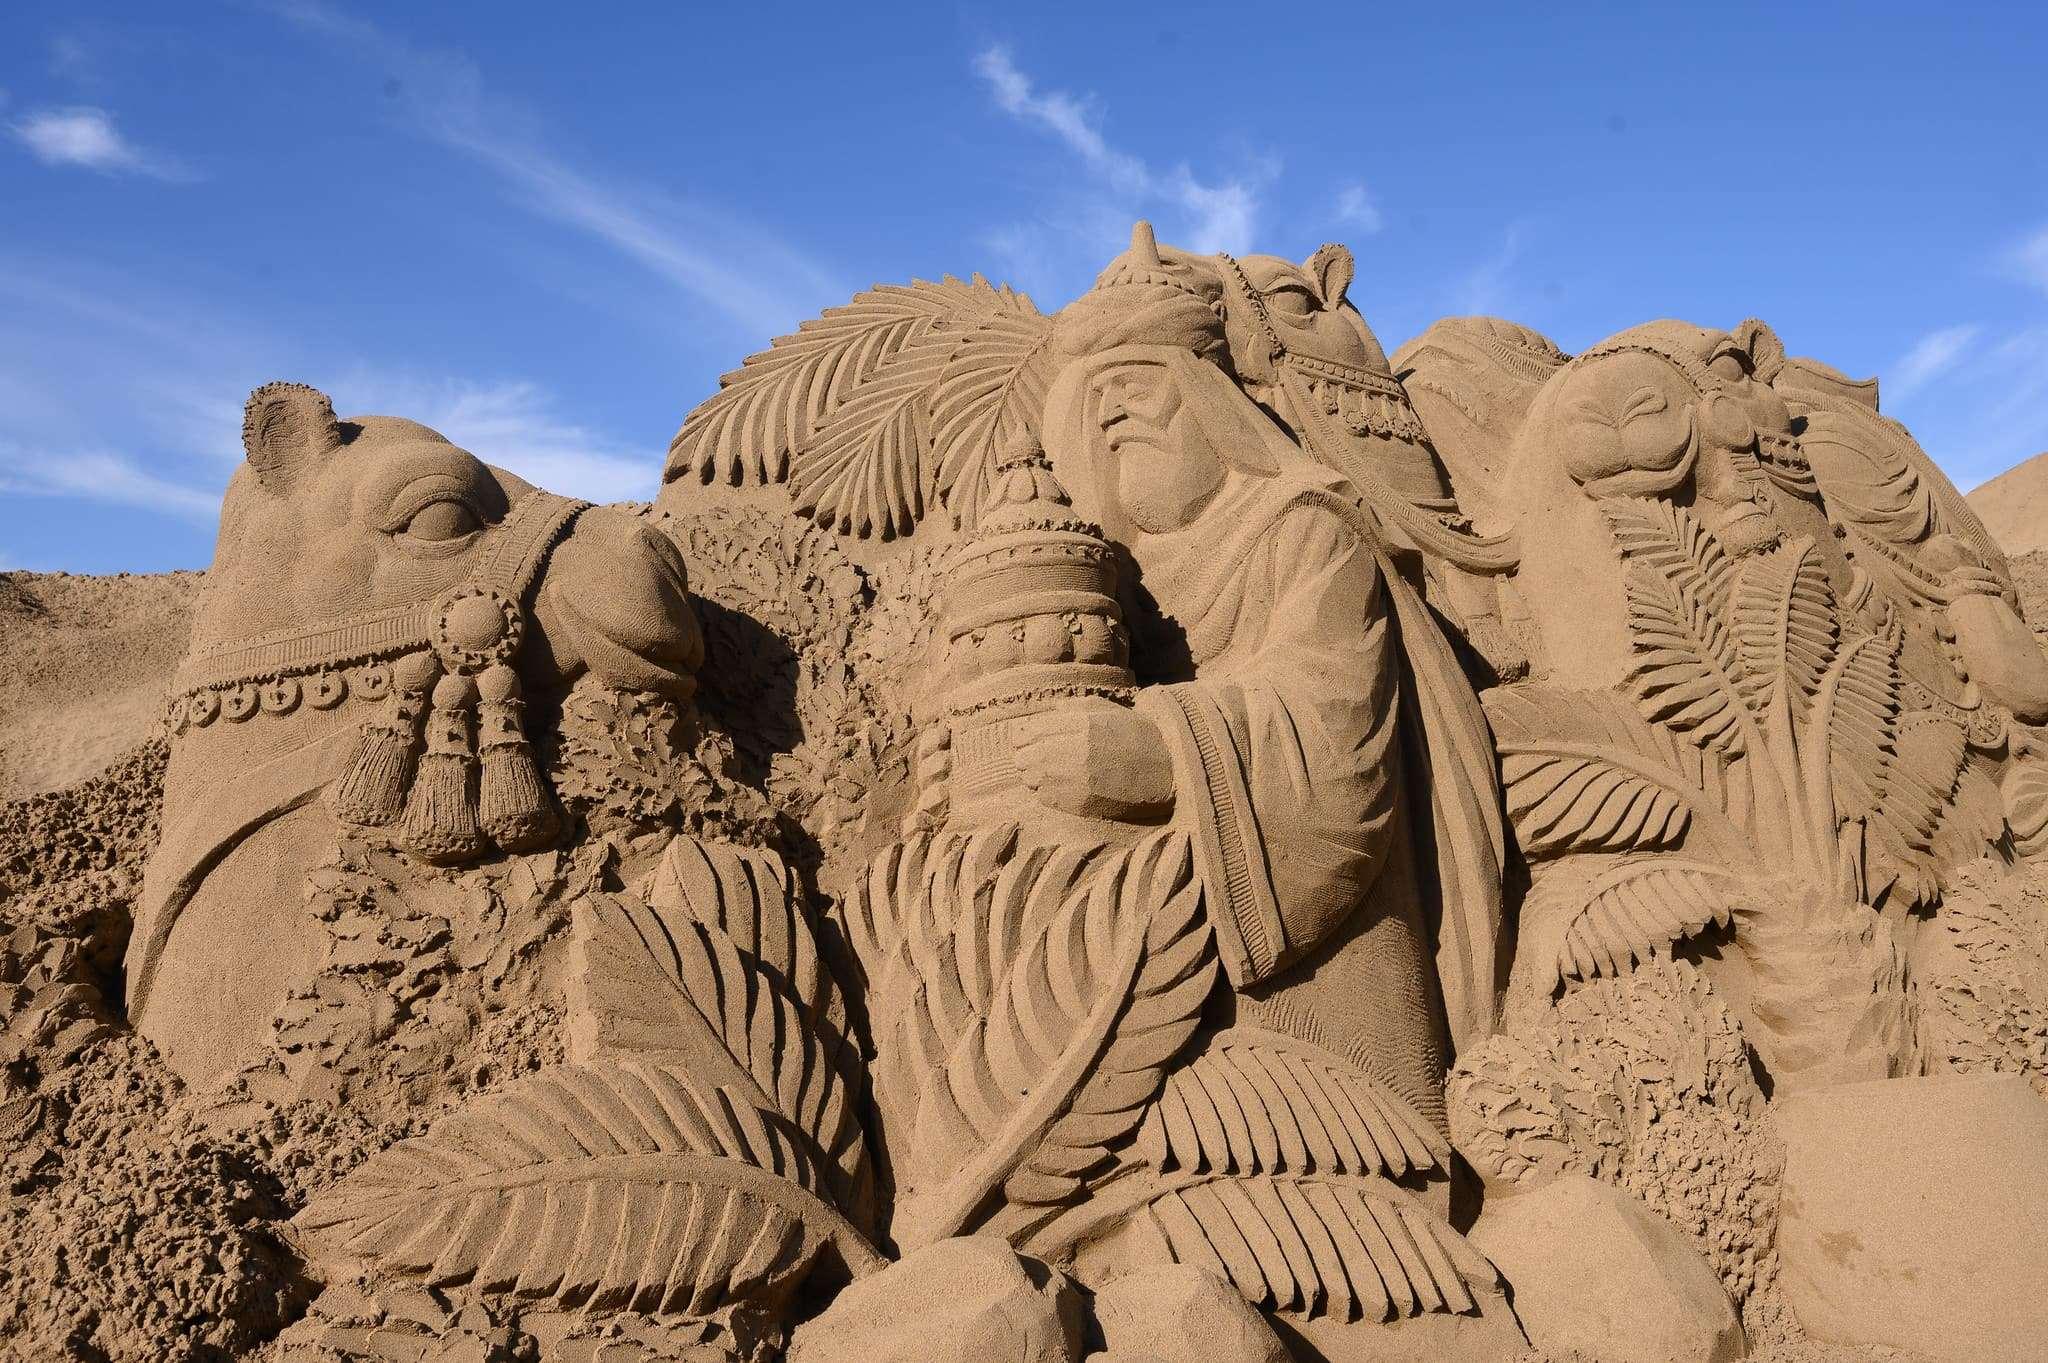 Un original Belén de arena para la navidad en Gran Canaria 72